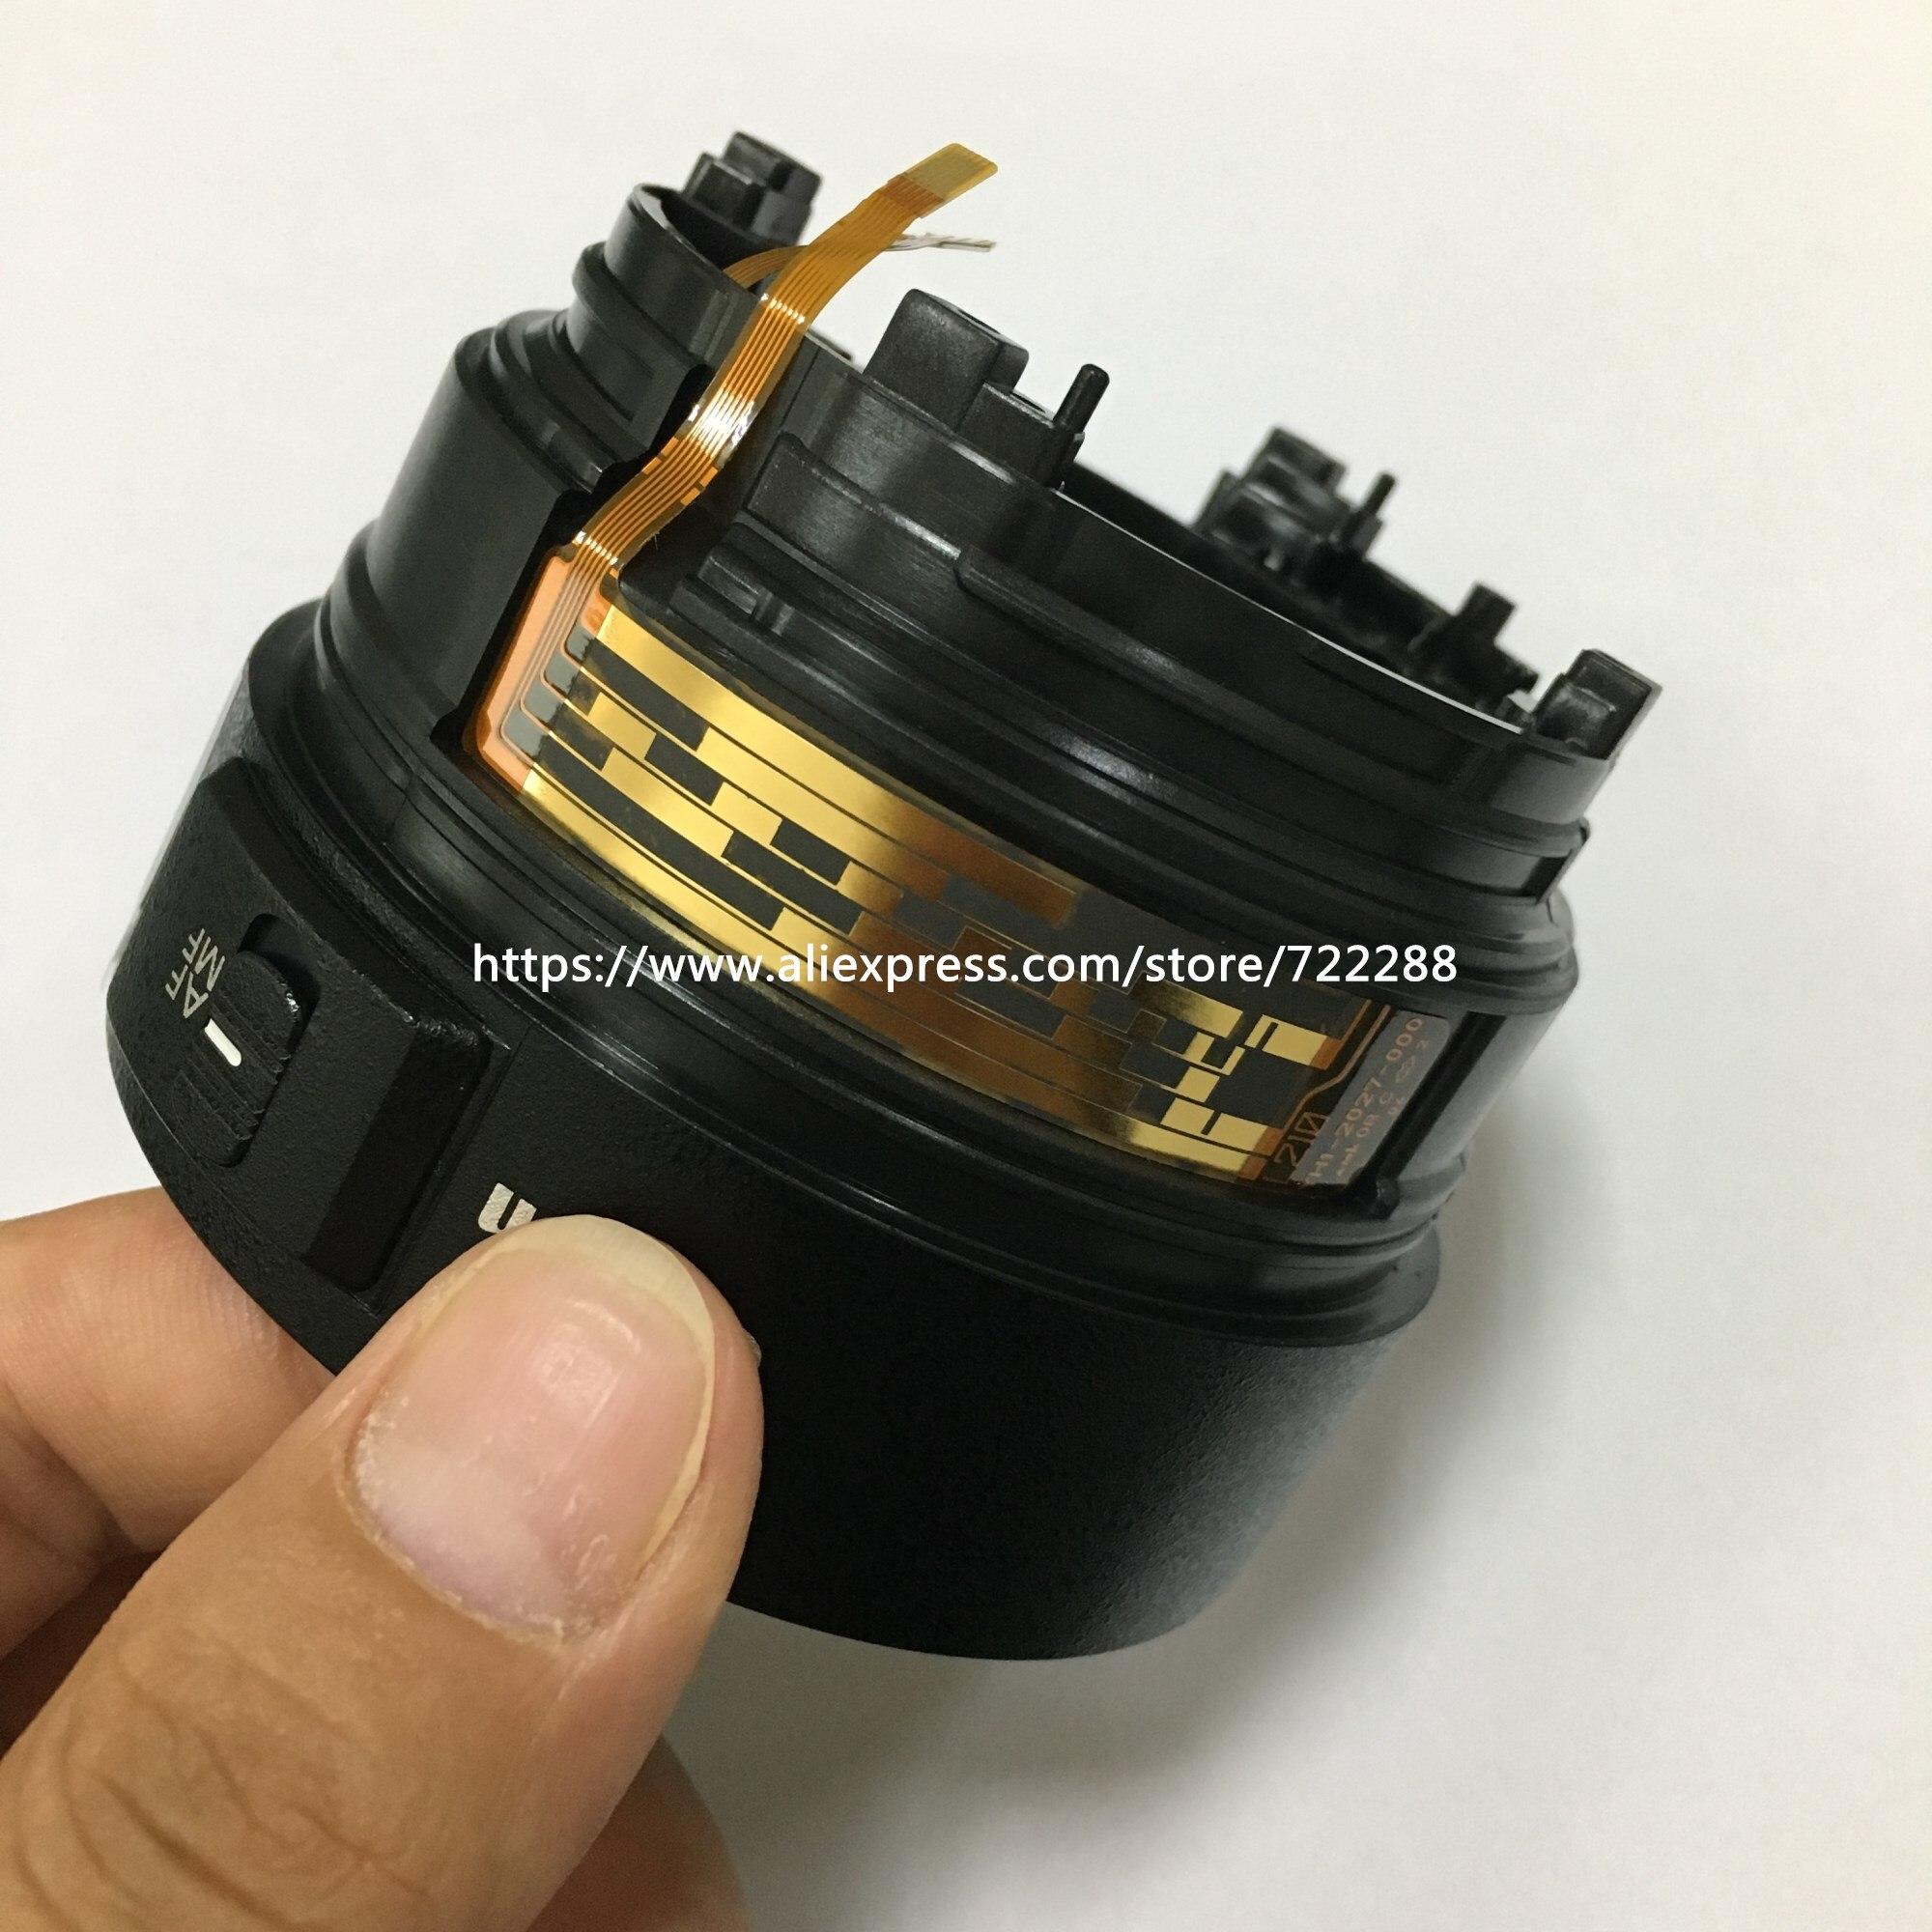 Image 4 - Peças de reparo Para Canon EF 24 70mm F/2.8 L USM Lens Fixo Manga  Barril Assy Com interruptor E Cabo Flexível CY3 2201 200Unidades  eletrônicas